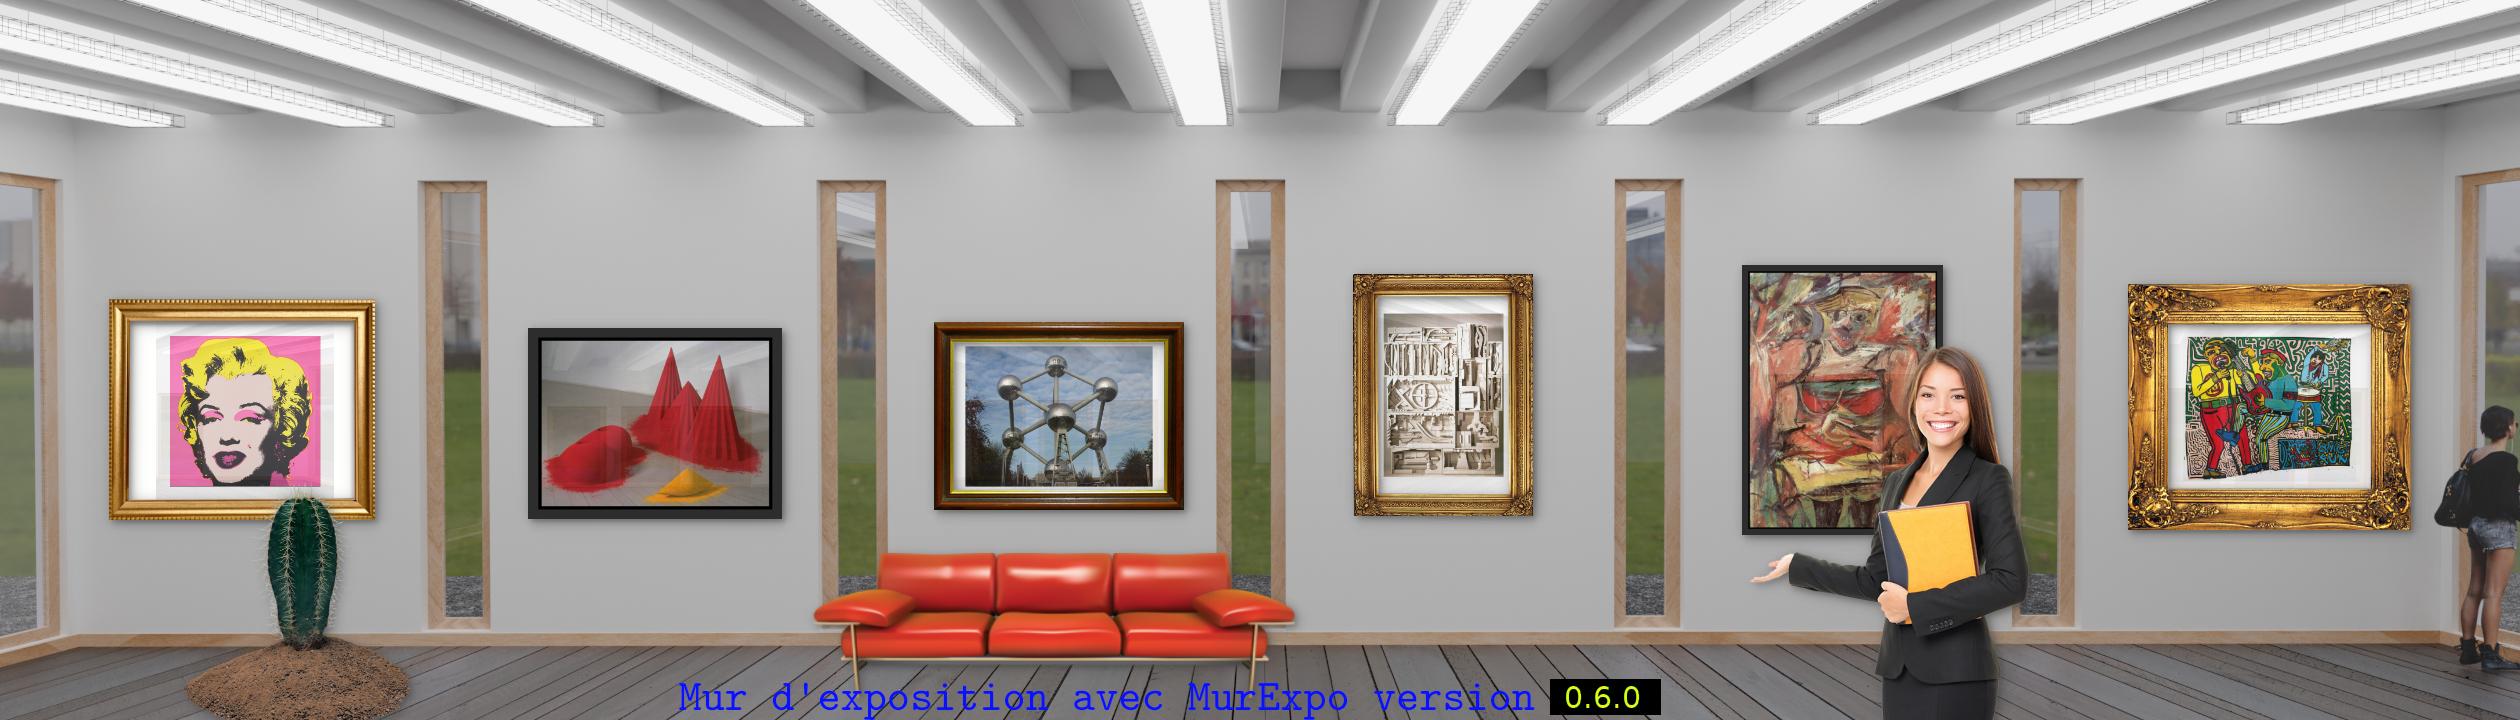 Outil pour mettre en place un mur d'exposition et y accrocher des œuvres Exposition_avec_murexpo_version_0_6_0_11_03_2021_pour_site_murexpo